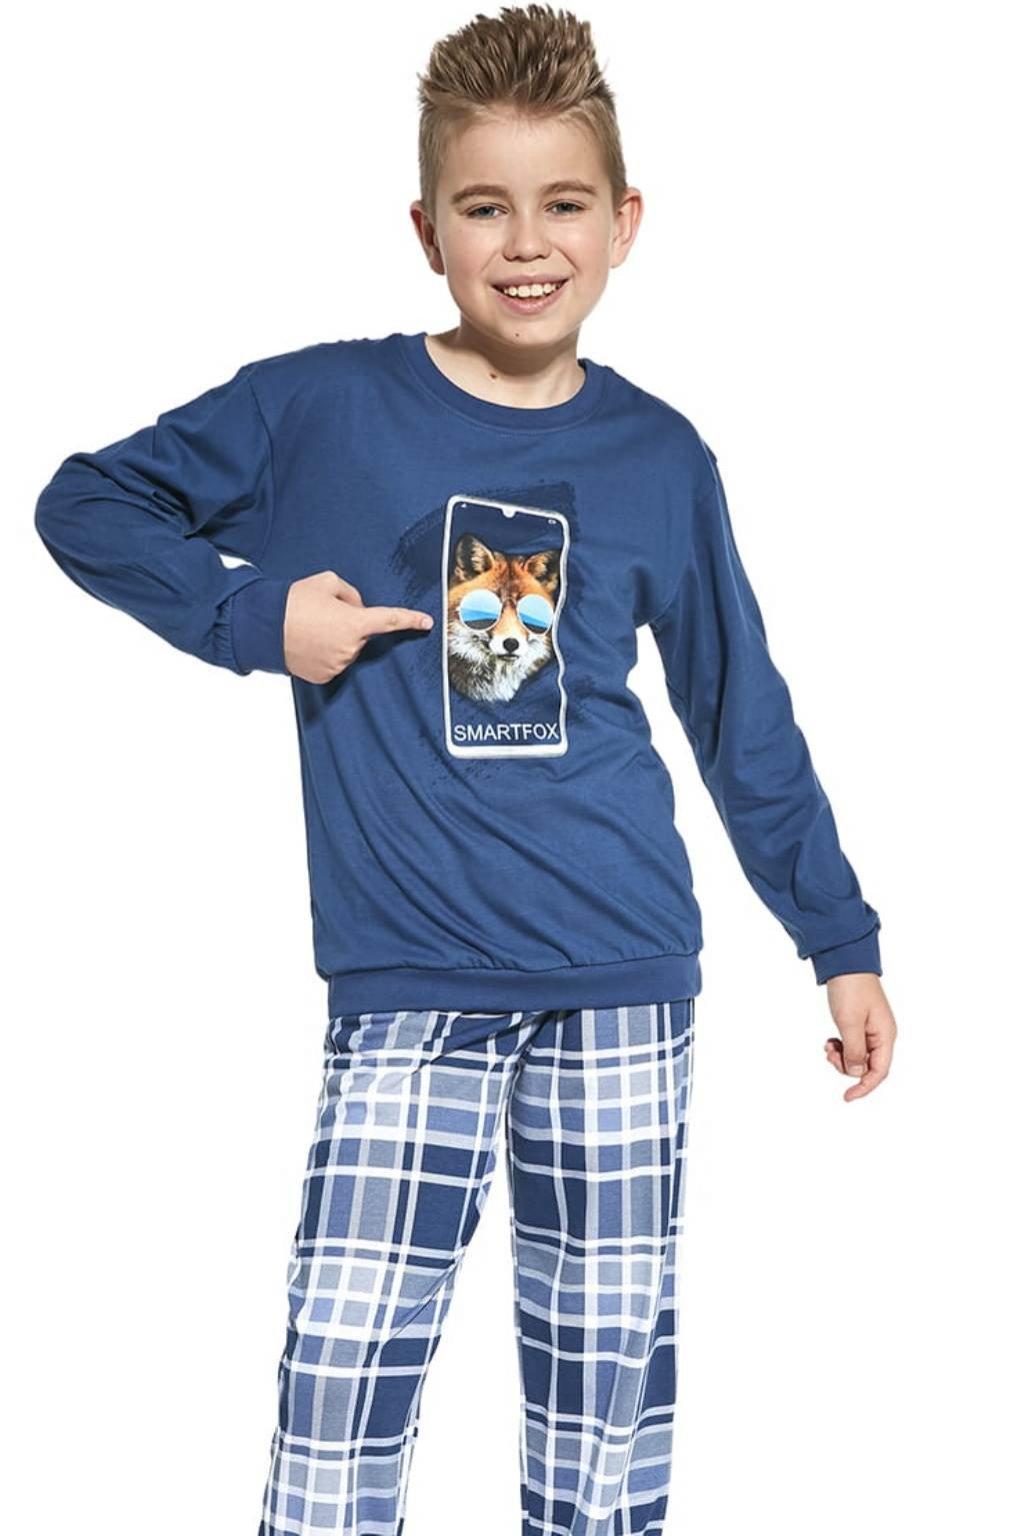 Chlapecké pyžamo Cornette 966/107 Smartfox